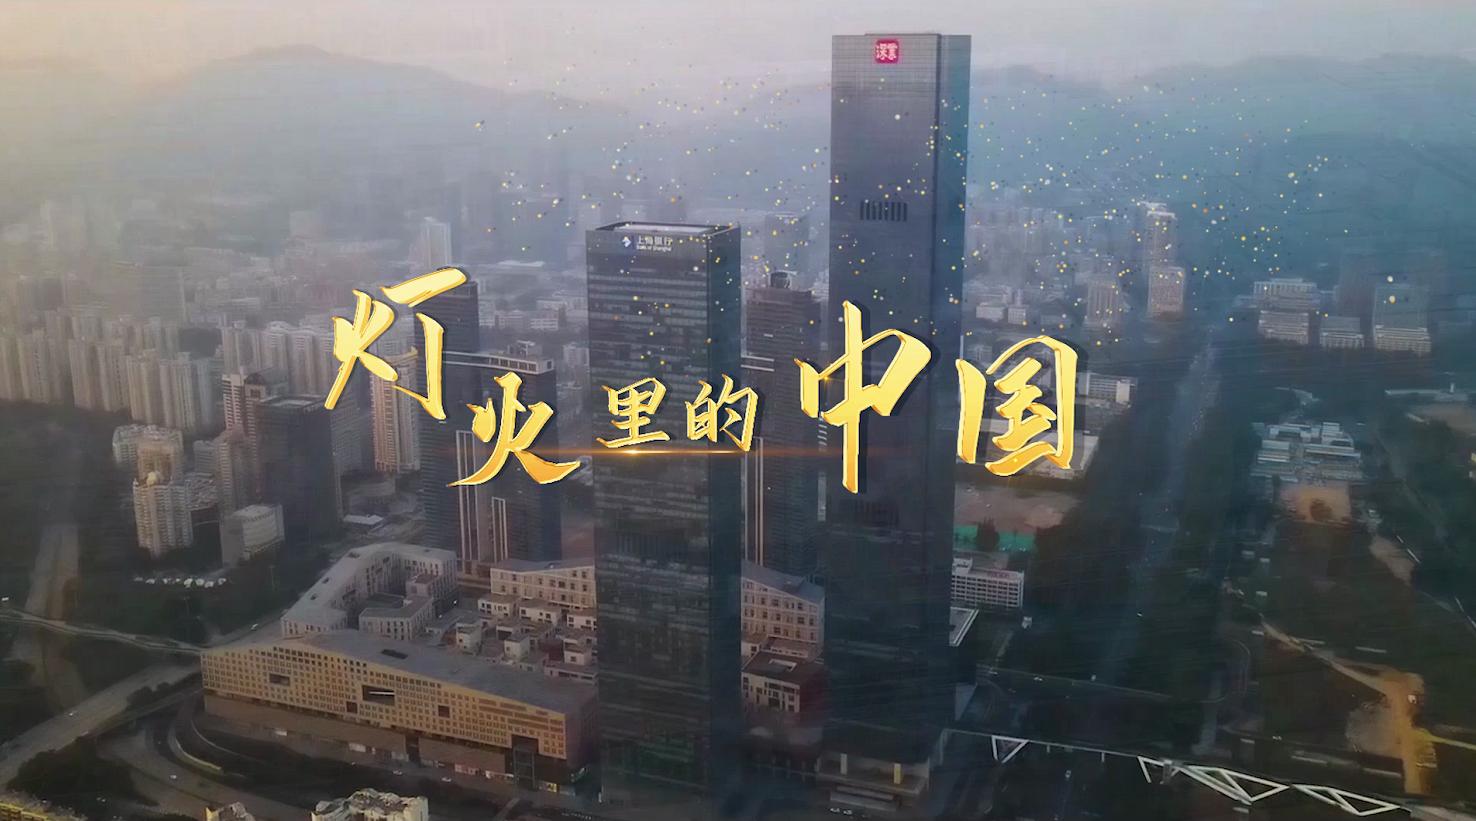 唱响《灯火里的中国》,深圳建筑人的深情都藏在这首歌里